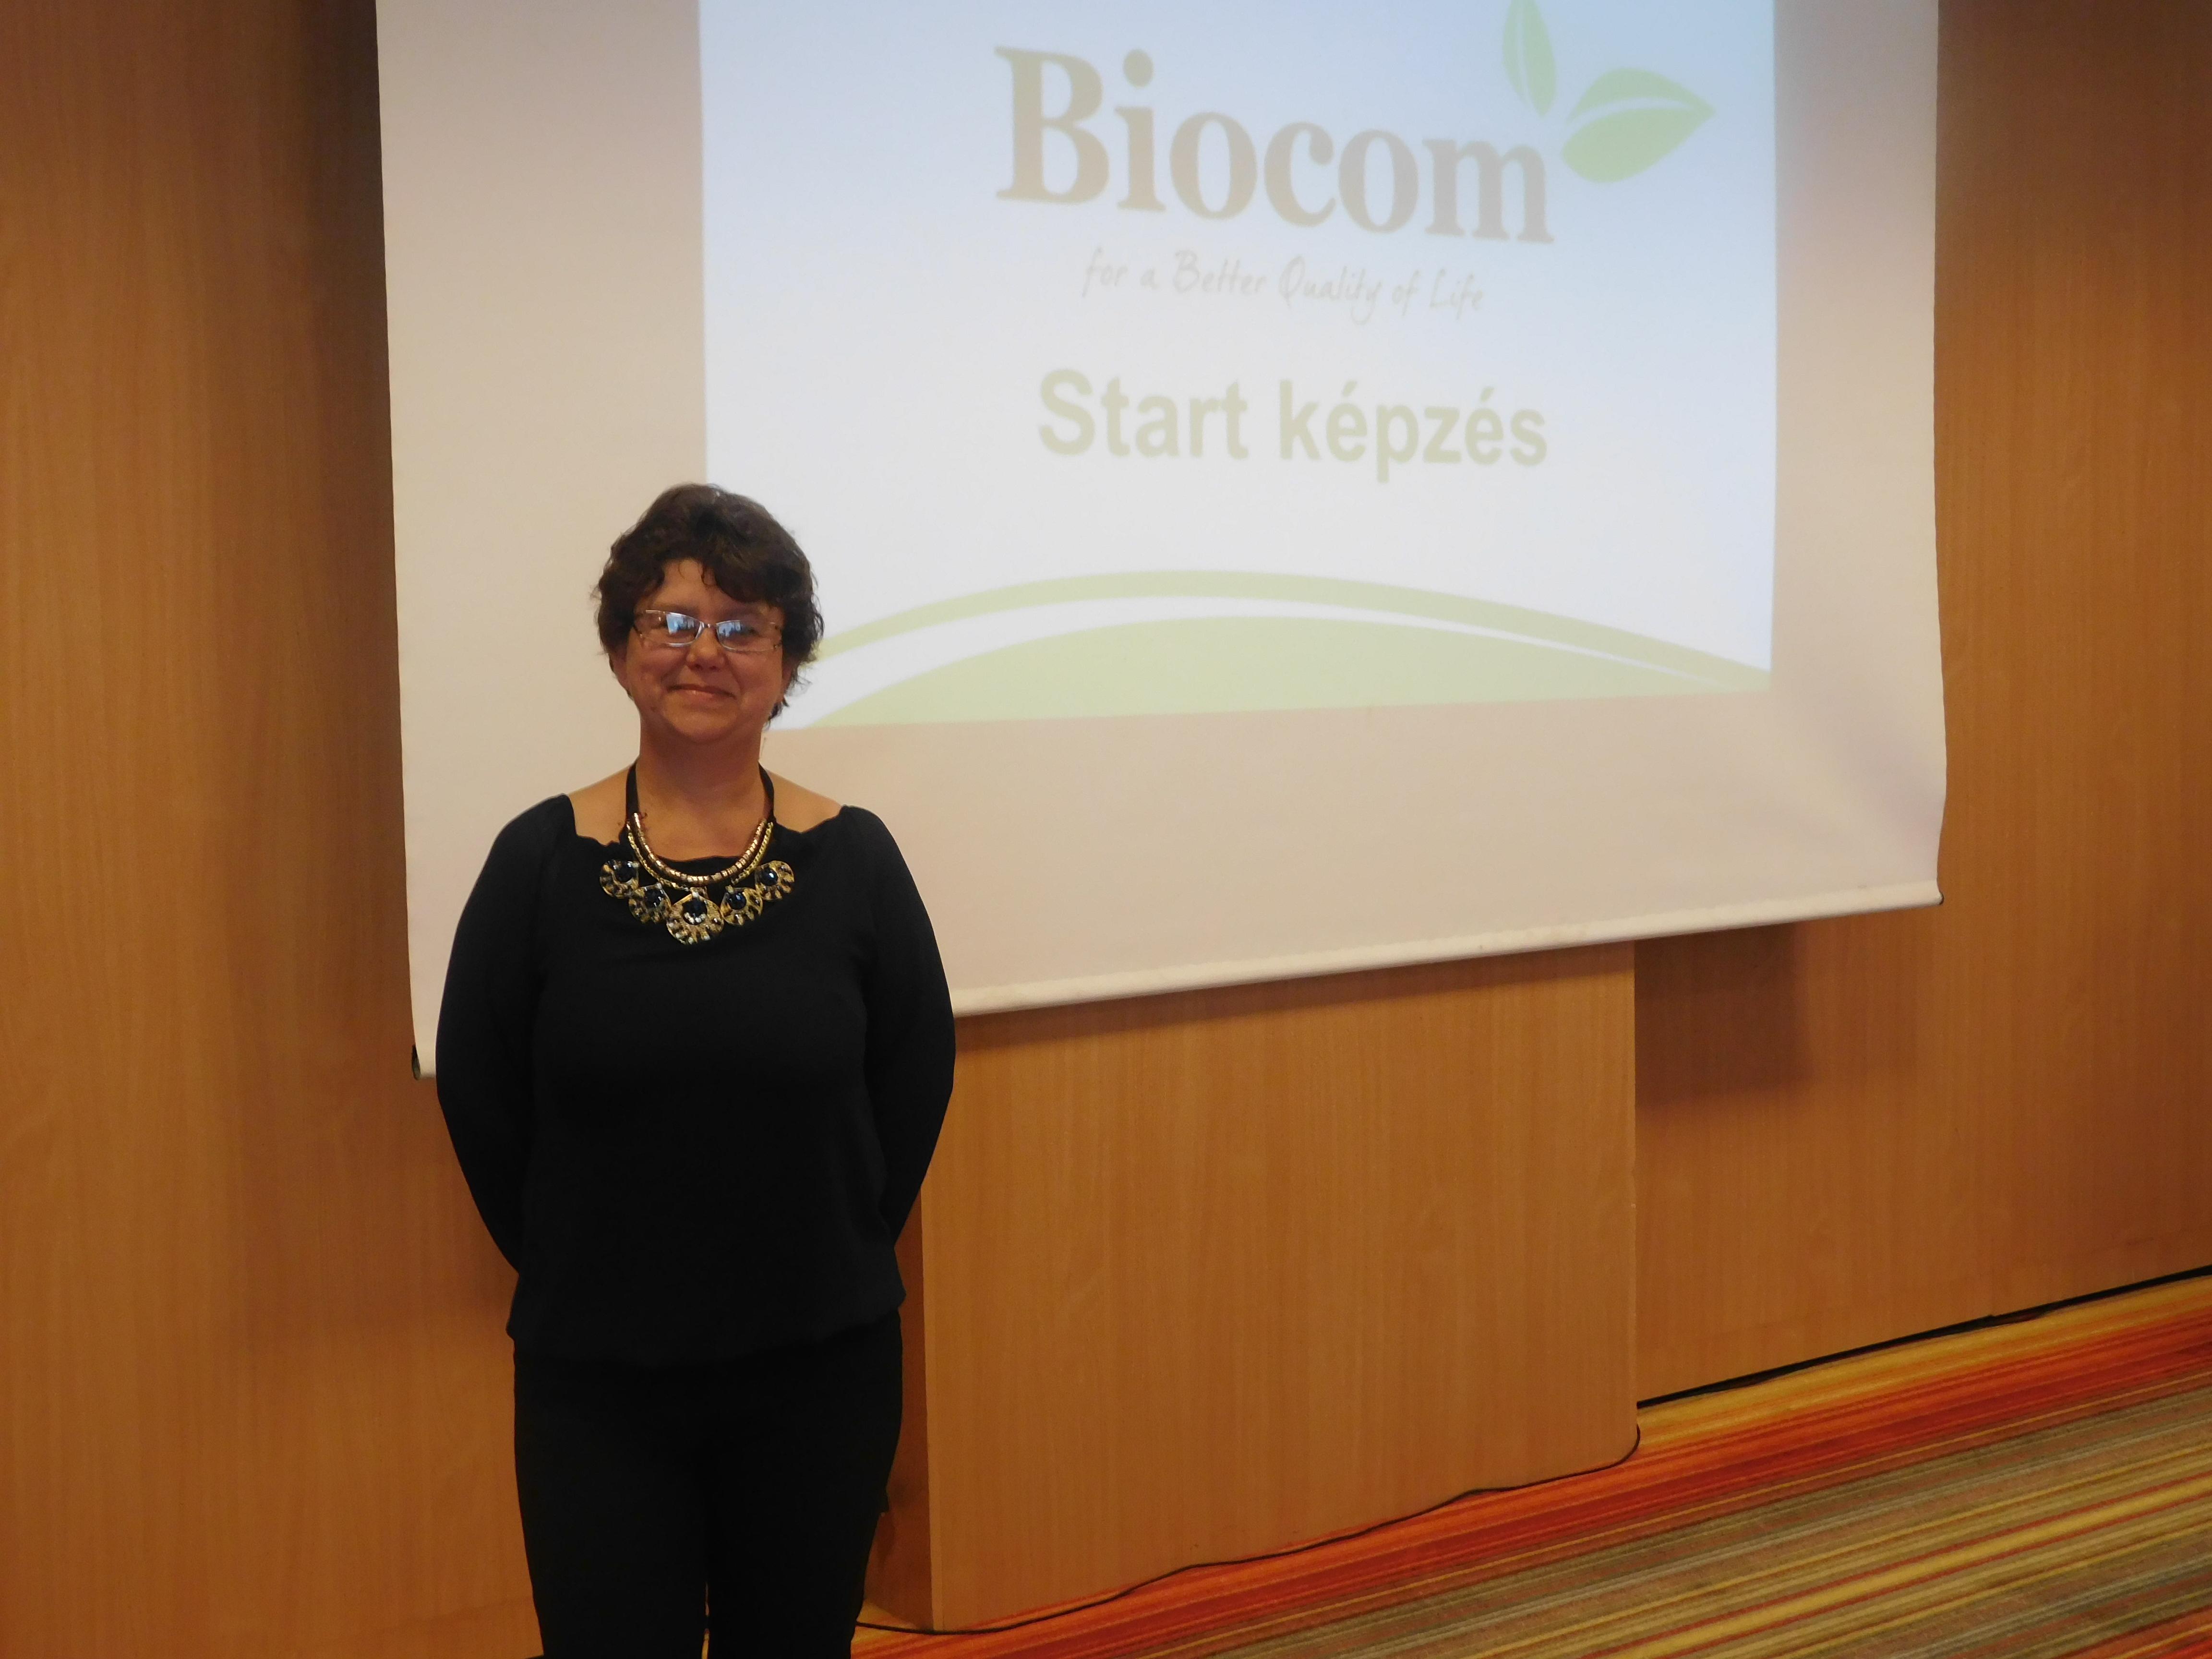 """Olasz Ildikó előadásának témája: """"Jövőd, lehetőségeid a Biocommal"""""""